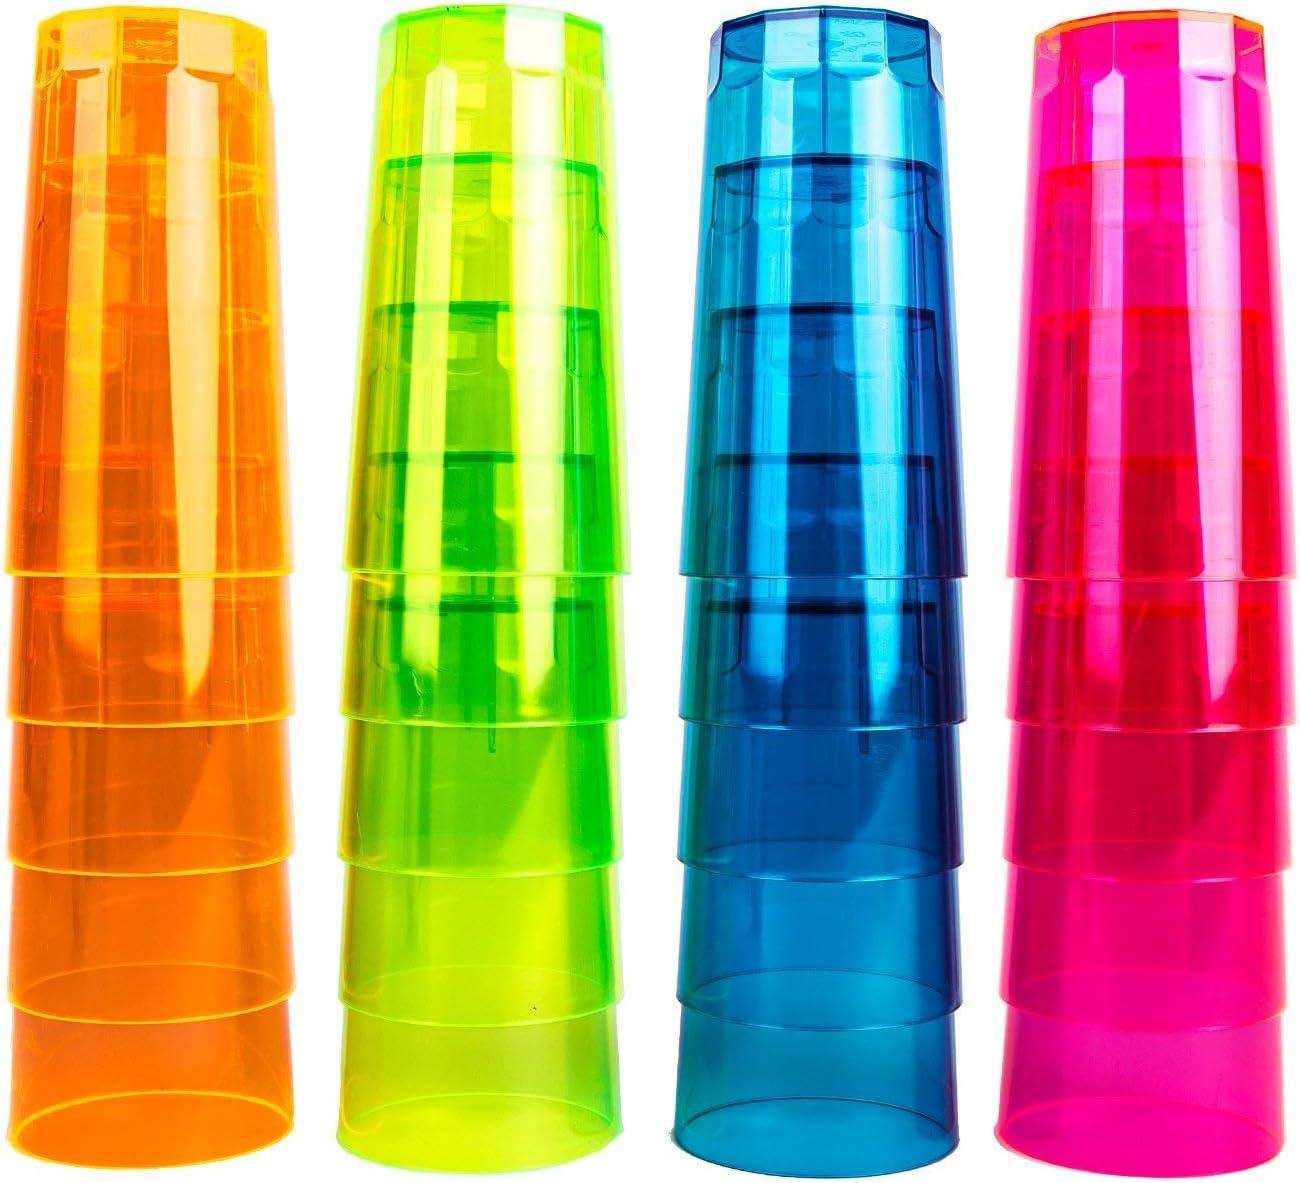 NEON STYLES - juego de vasos de tubo, 250 ml, 20 pcs en un juego, en cuatro colores fluorescentes-MIX - Rosa, Verde, Naranja y azul - brillant en luz del día - leuchten bajo luz negra más intensos y m